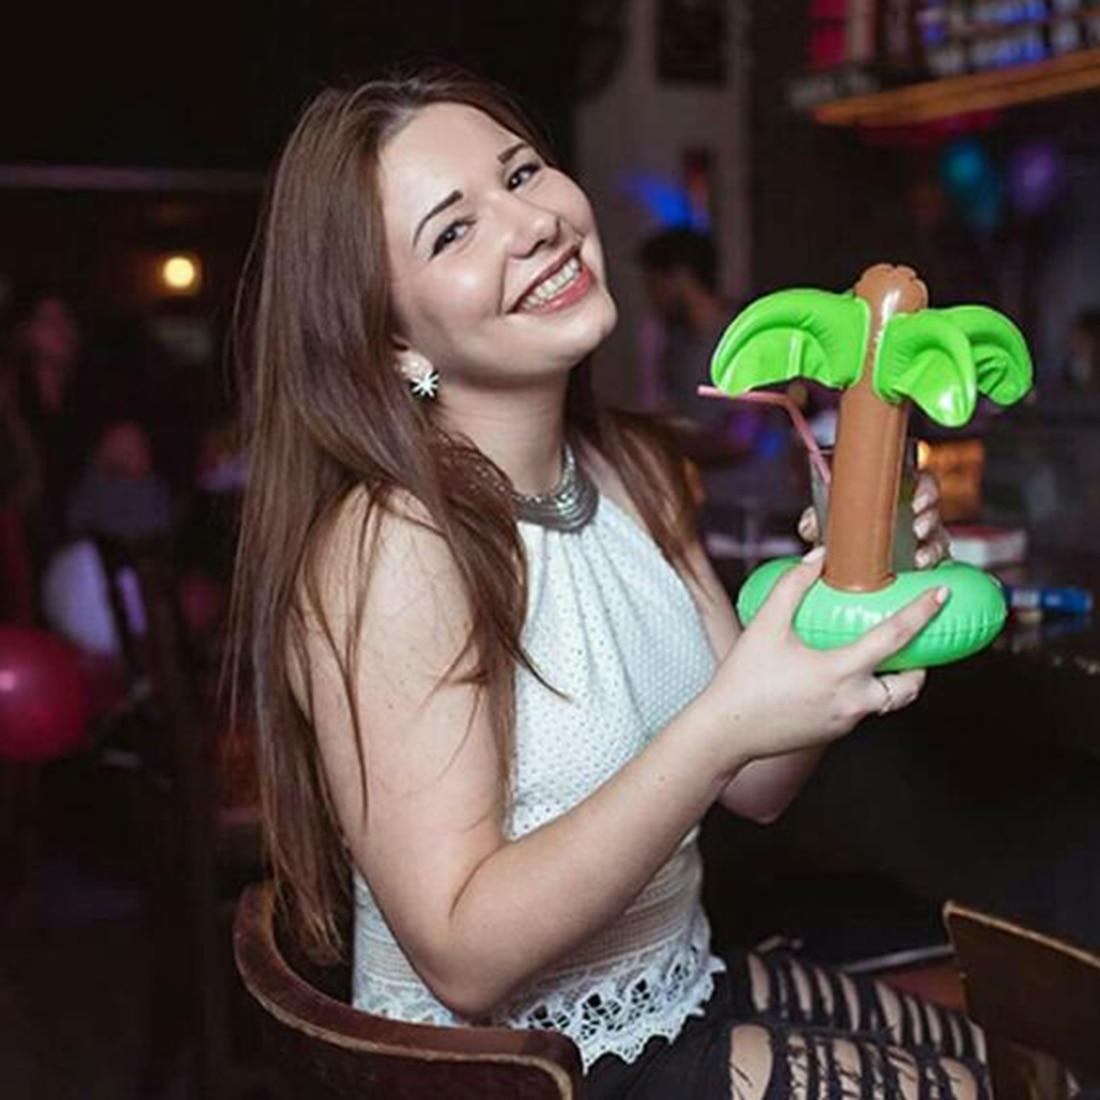 Модные замечательный ПВХ плавающие игрушки ванны мини кокосовых пальм напиток может держатель плавательный бассейн для купания пляжные ве...